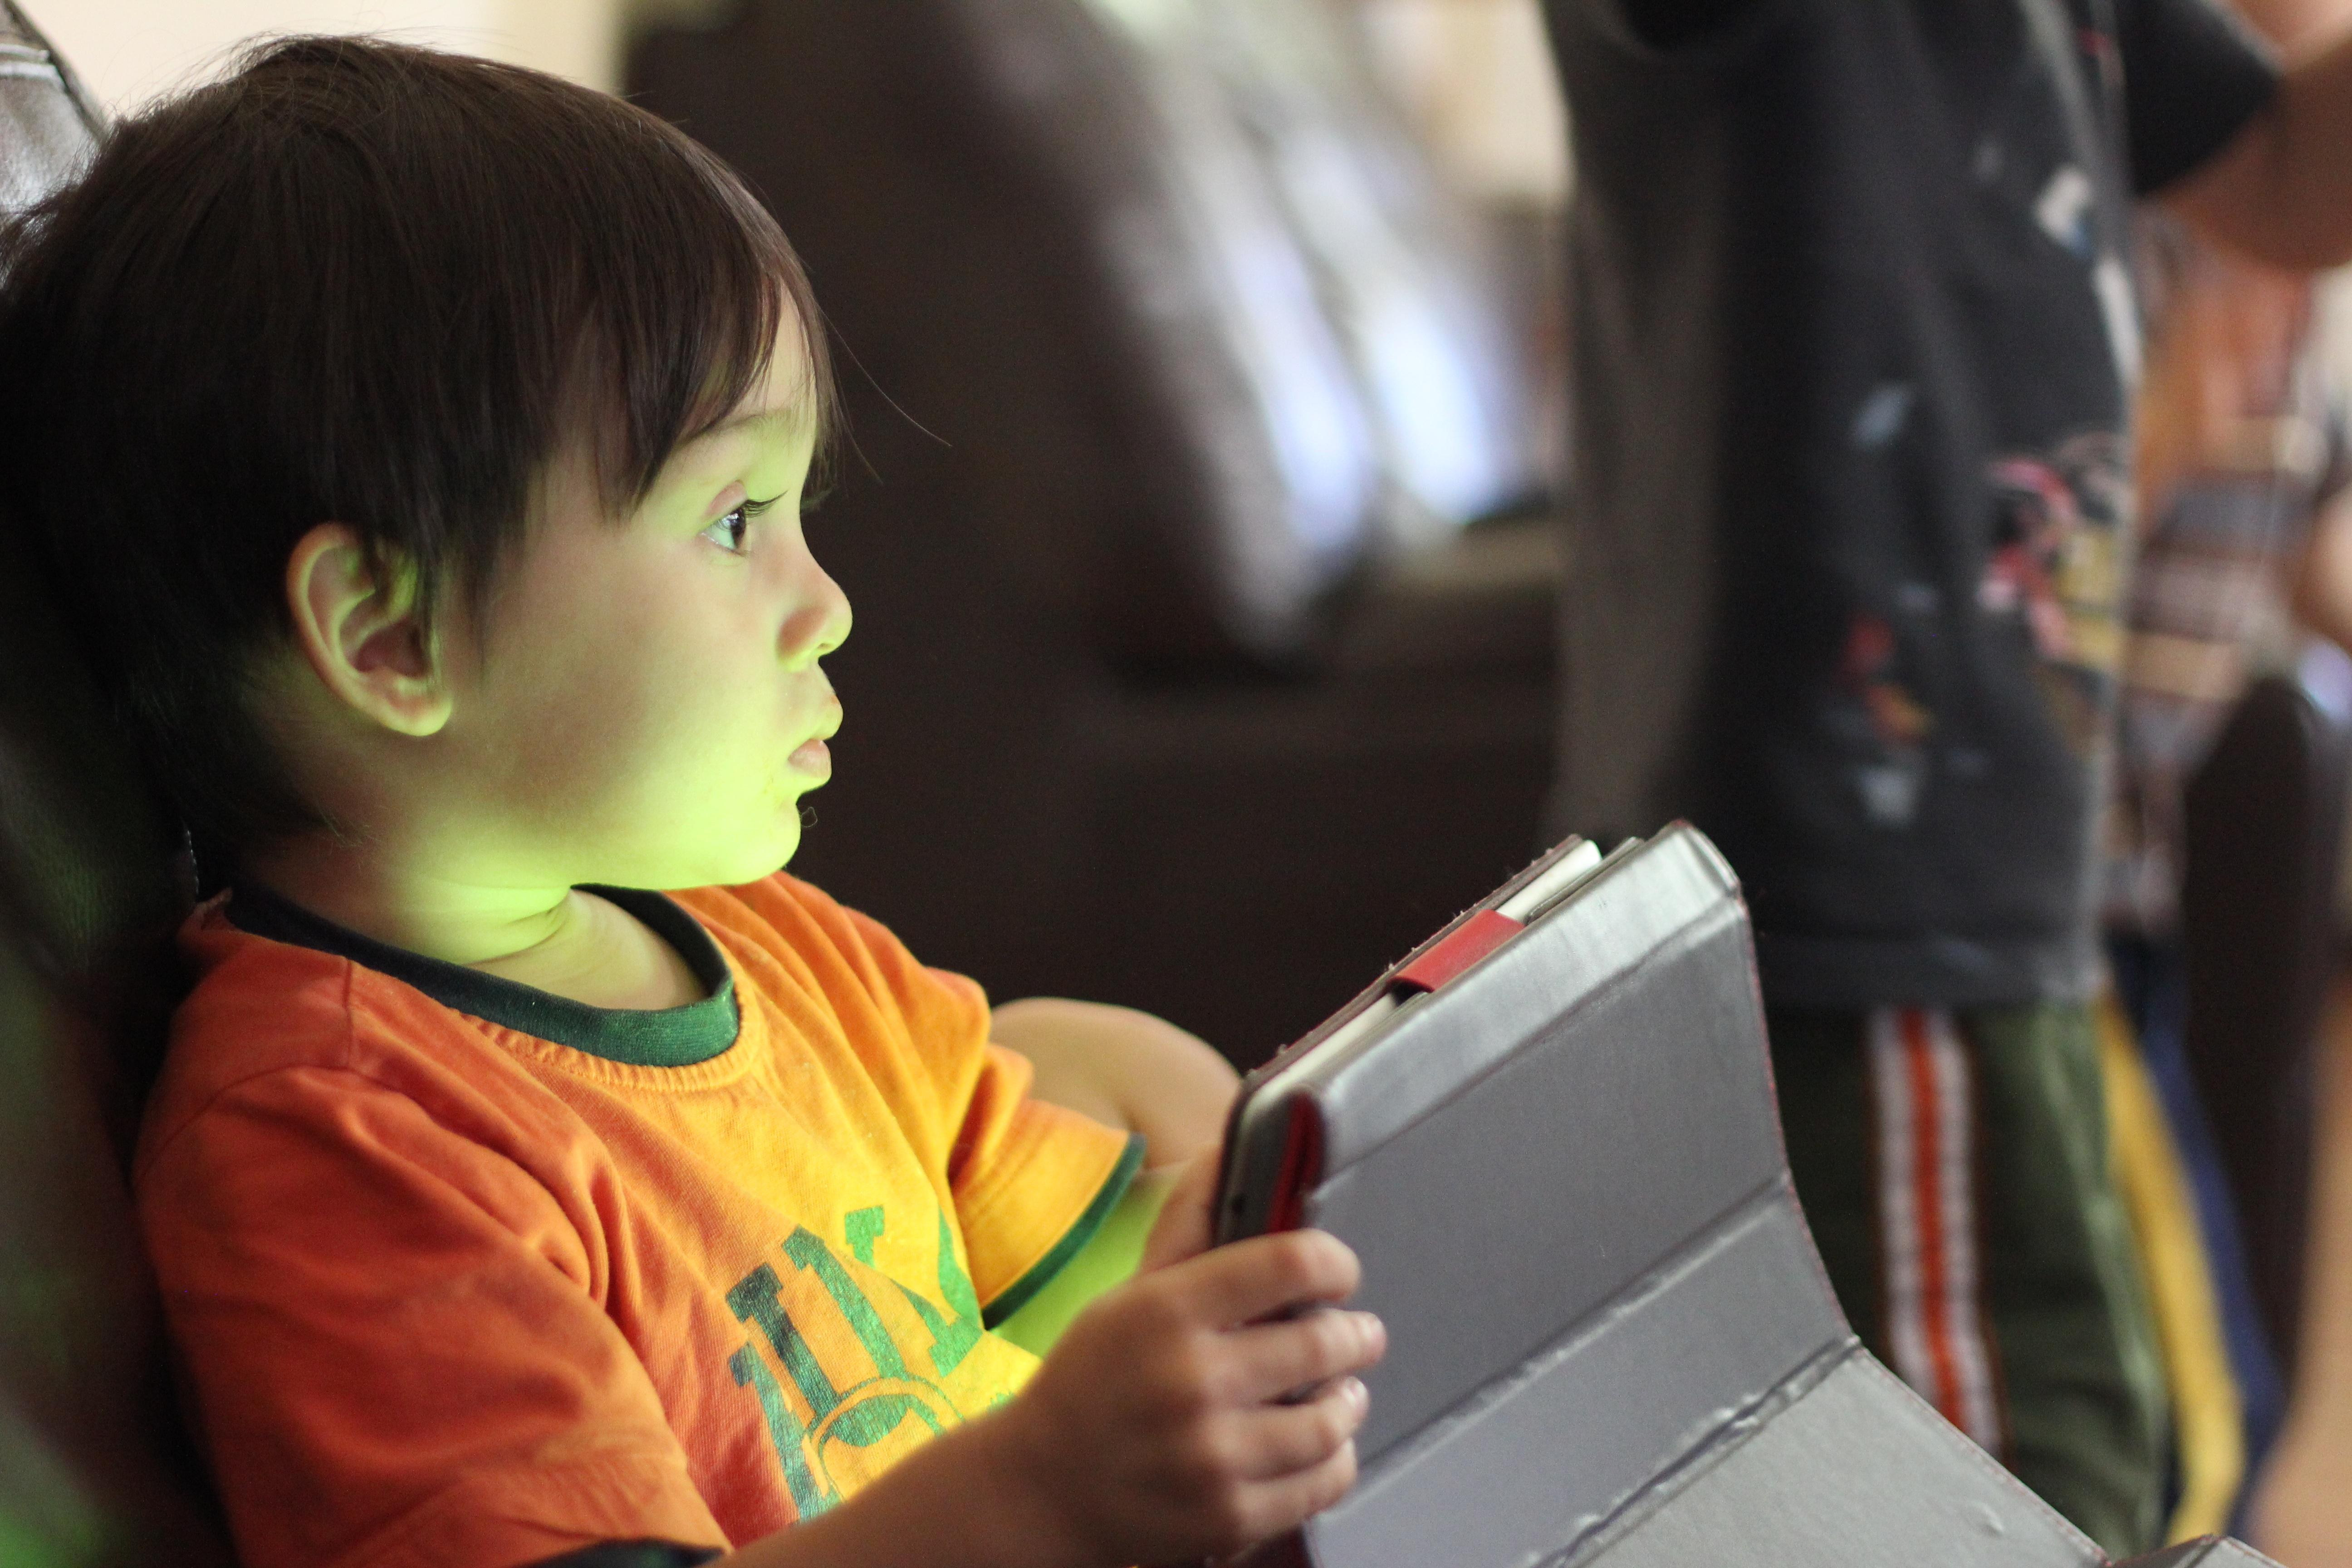 Uticaj tehnologije i načina života na naše potomstvo